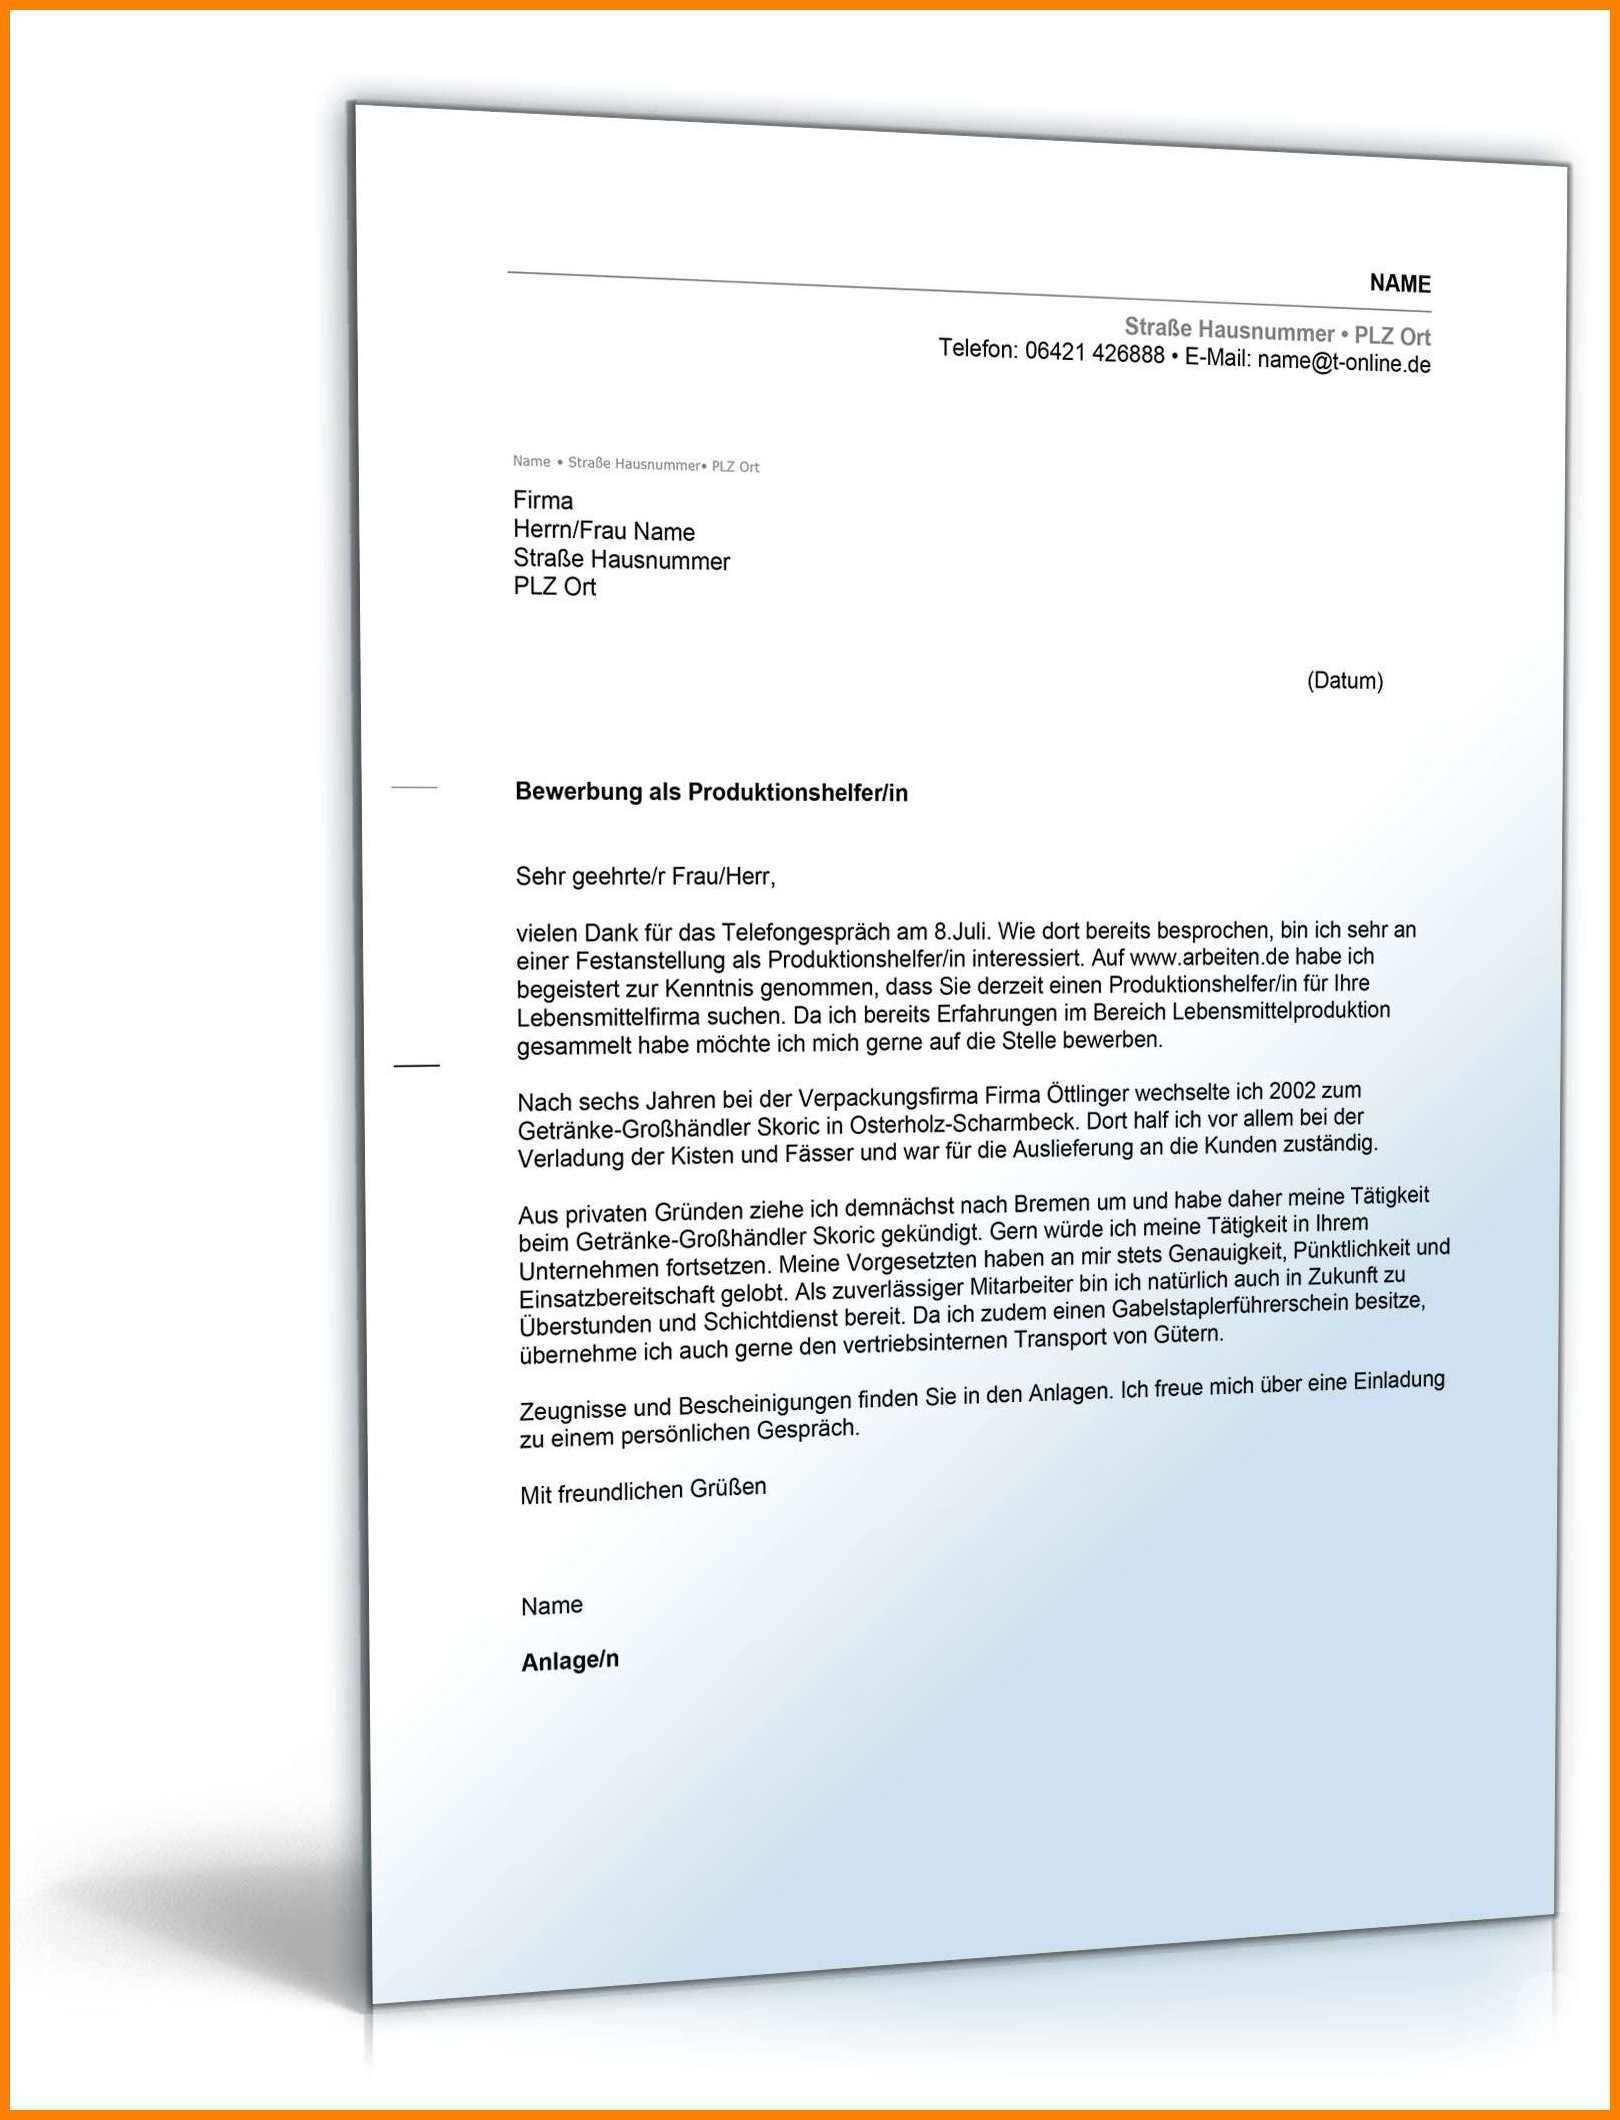 Frisch Bewerbungsschreiben Produktionshelfer Ohne Erfahrung Briefprobe Briefformat Briefvorlage Anschreiben Vorlage Lebenslauf Bewerbung Schreiben